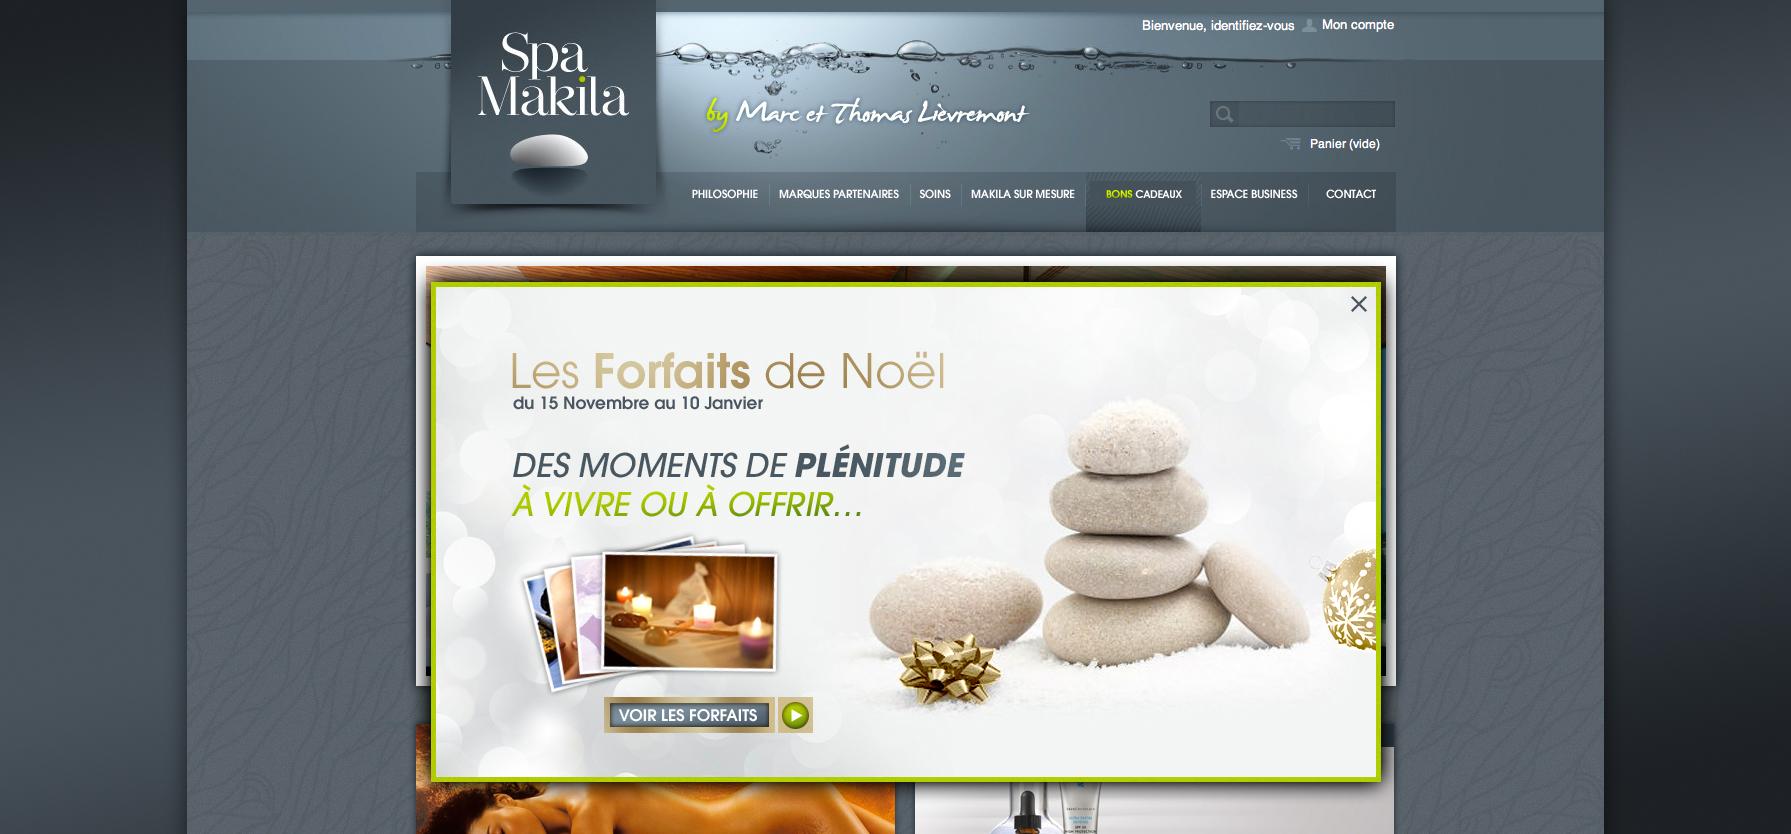 spa_makila_site_web_6